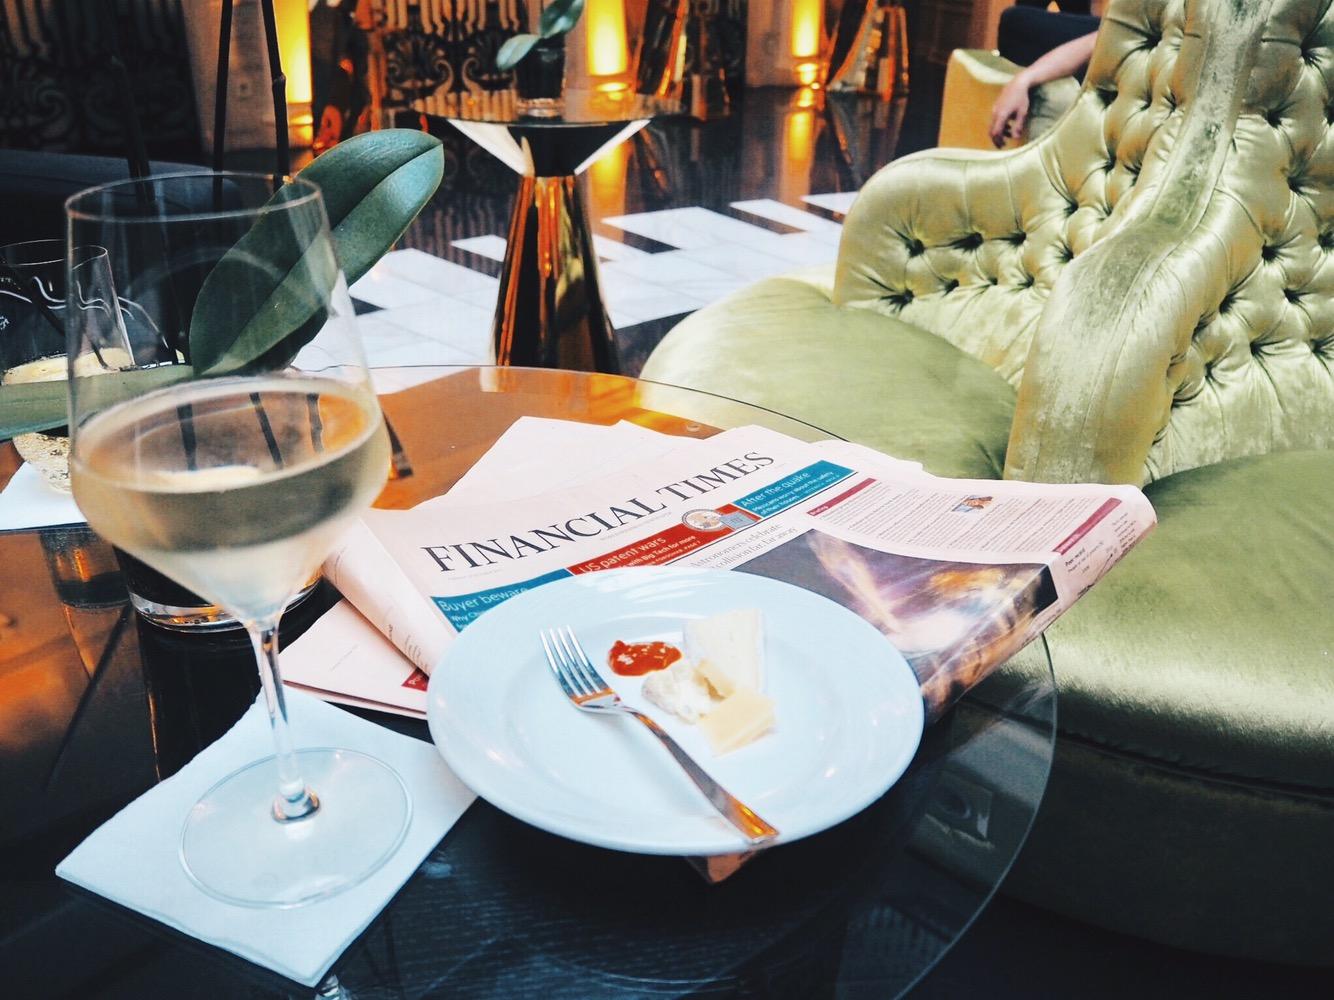 0d51eb2b 0d2b 41ef 9c5c 51477b582152 - Aria Hotel Budapest - 音楽に囲まれて過ごすブダペストのラグジュアリーブティックホテルの魅力